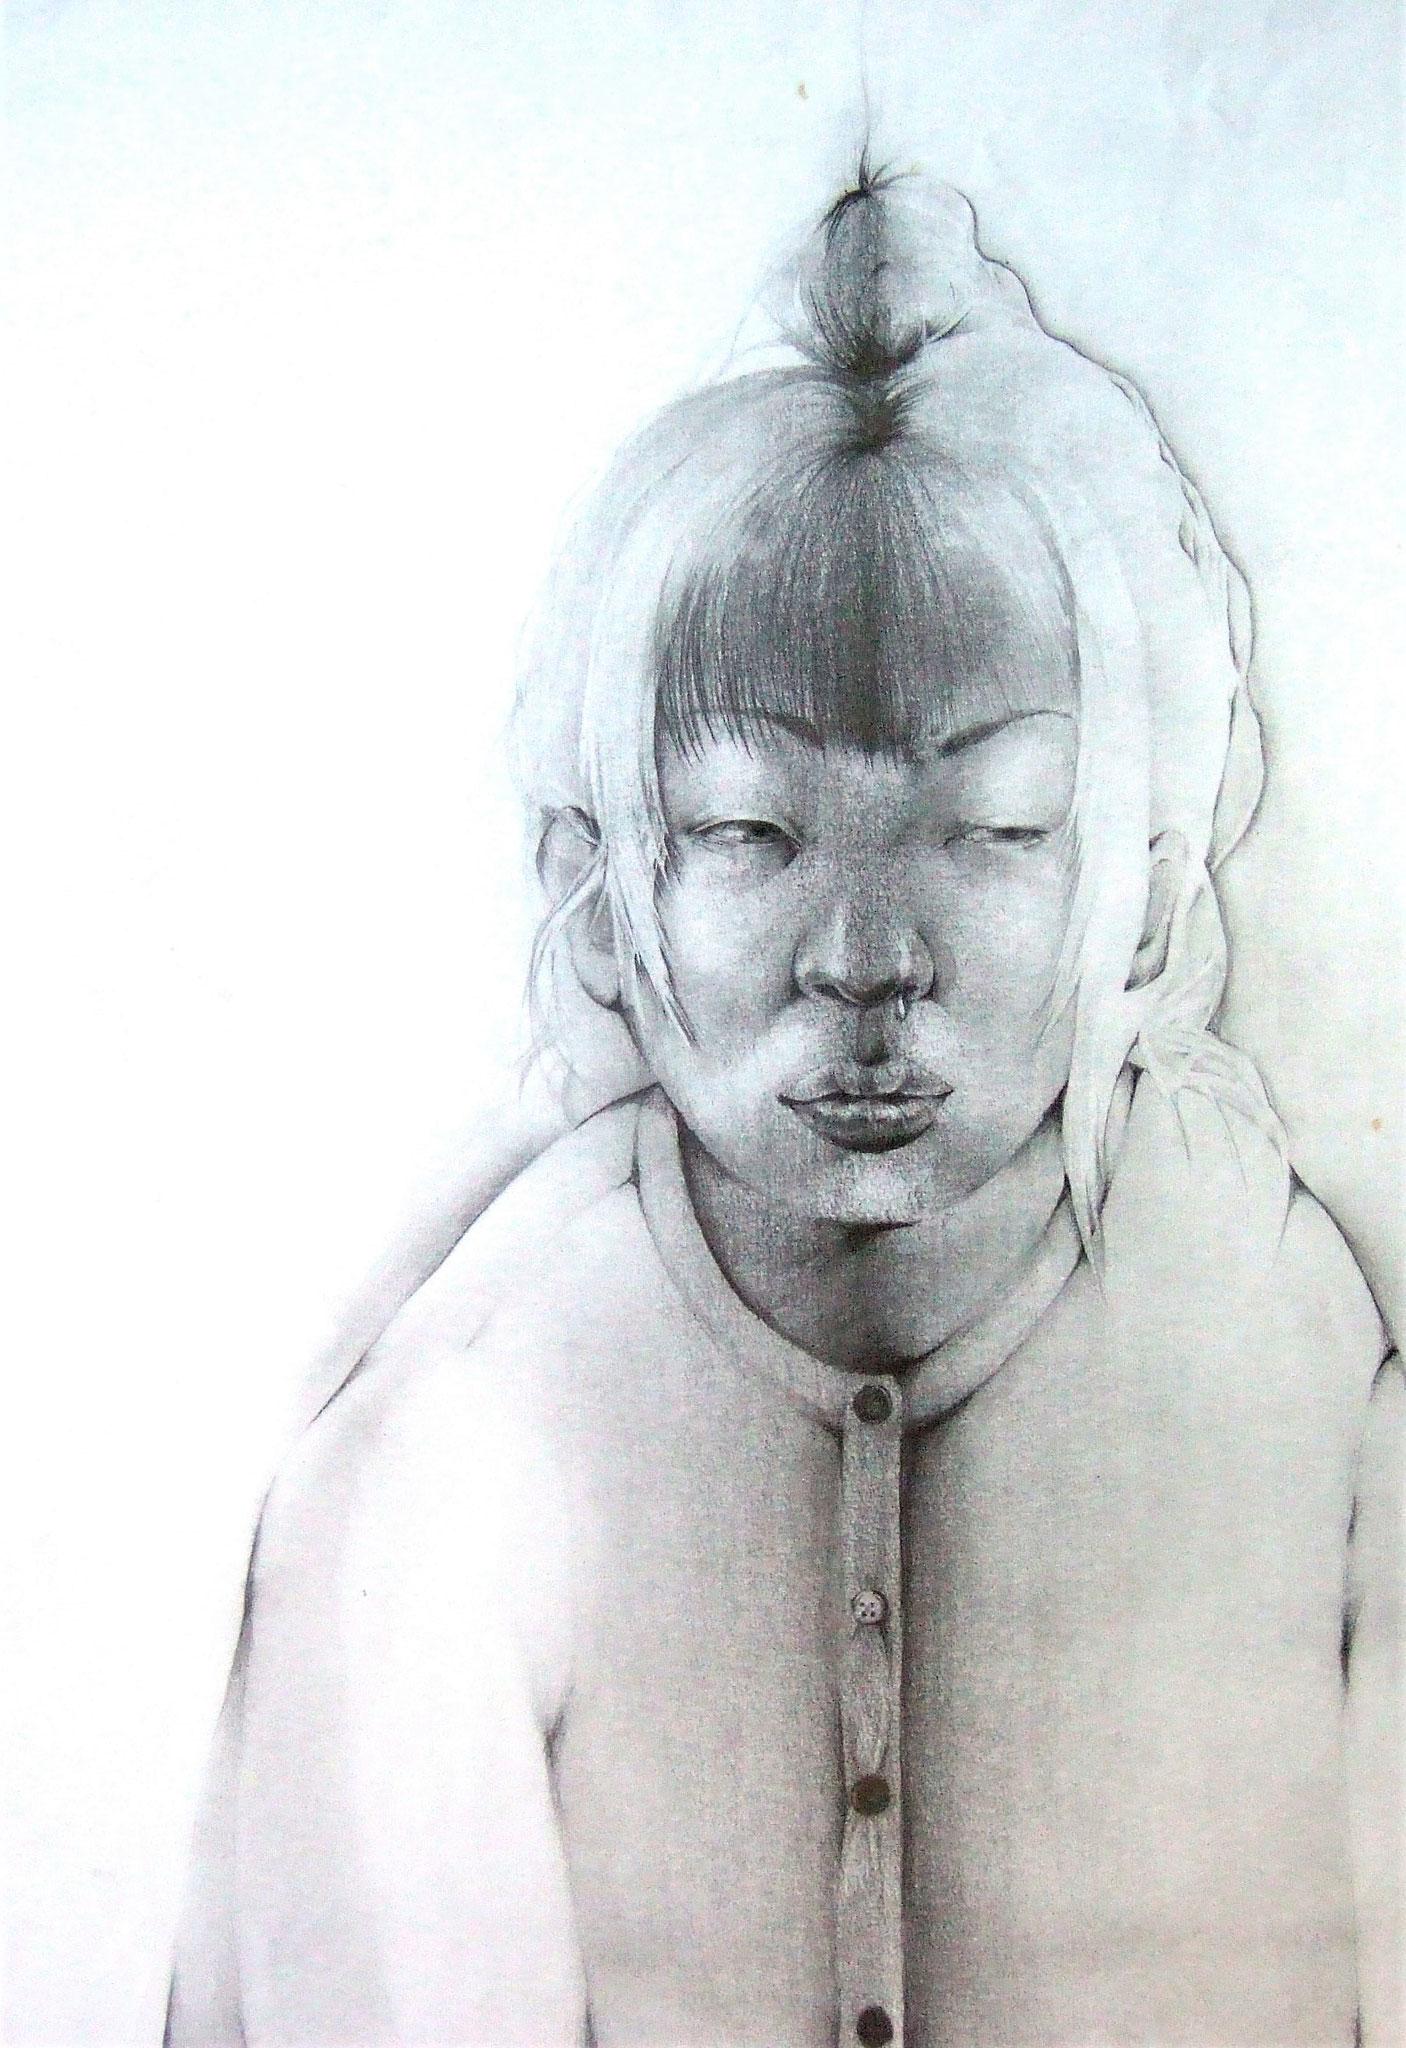 生徒作品24 鉛筆デッサン<イメージ構成:自画像> 木炭紙大 【油画系】